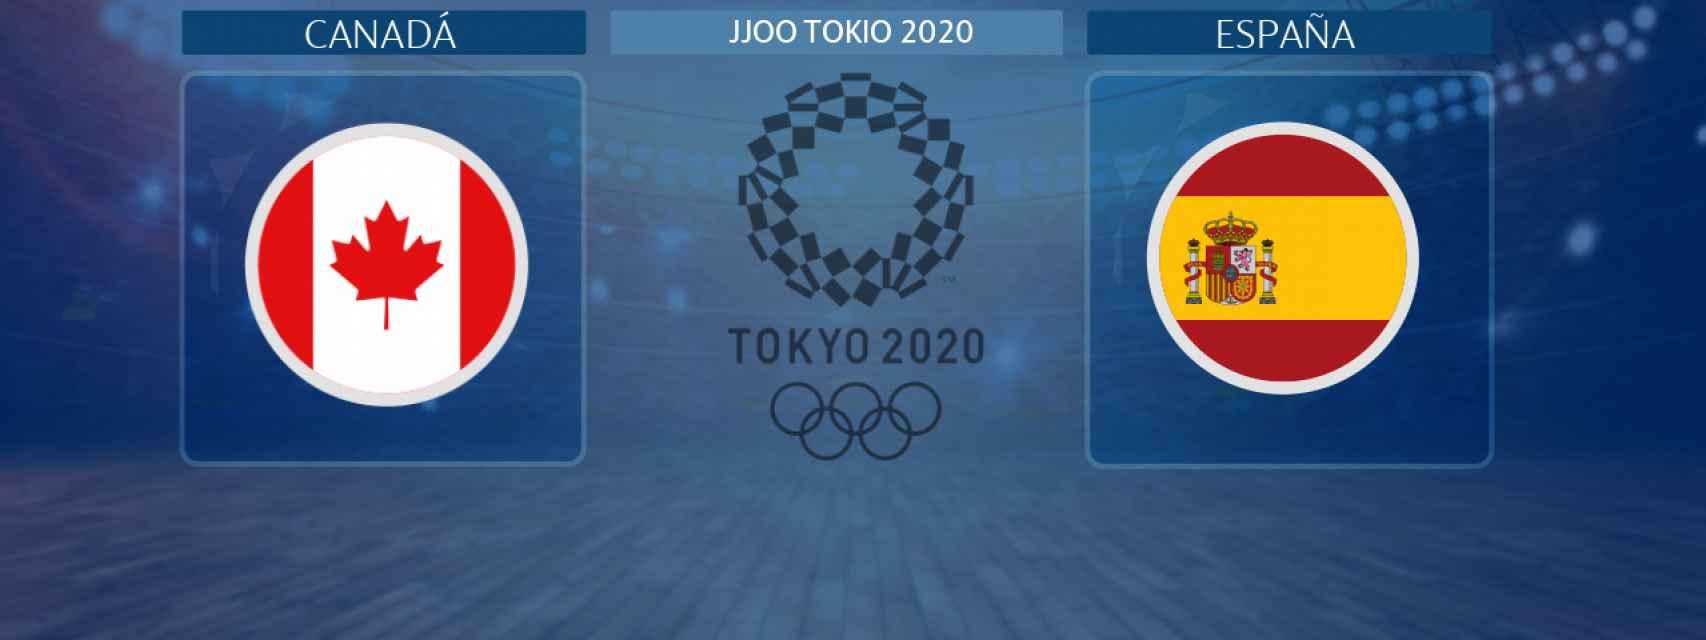 Canadá - España, partido de baloncesto femenino de los JJOO Tokio 2020